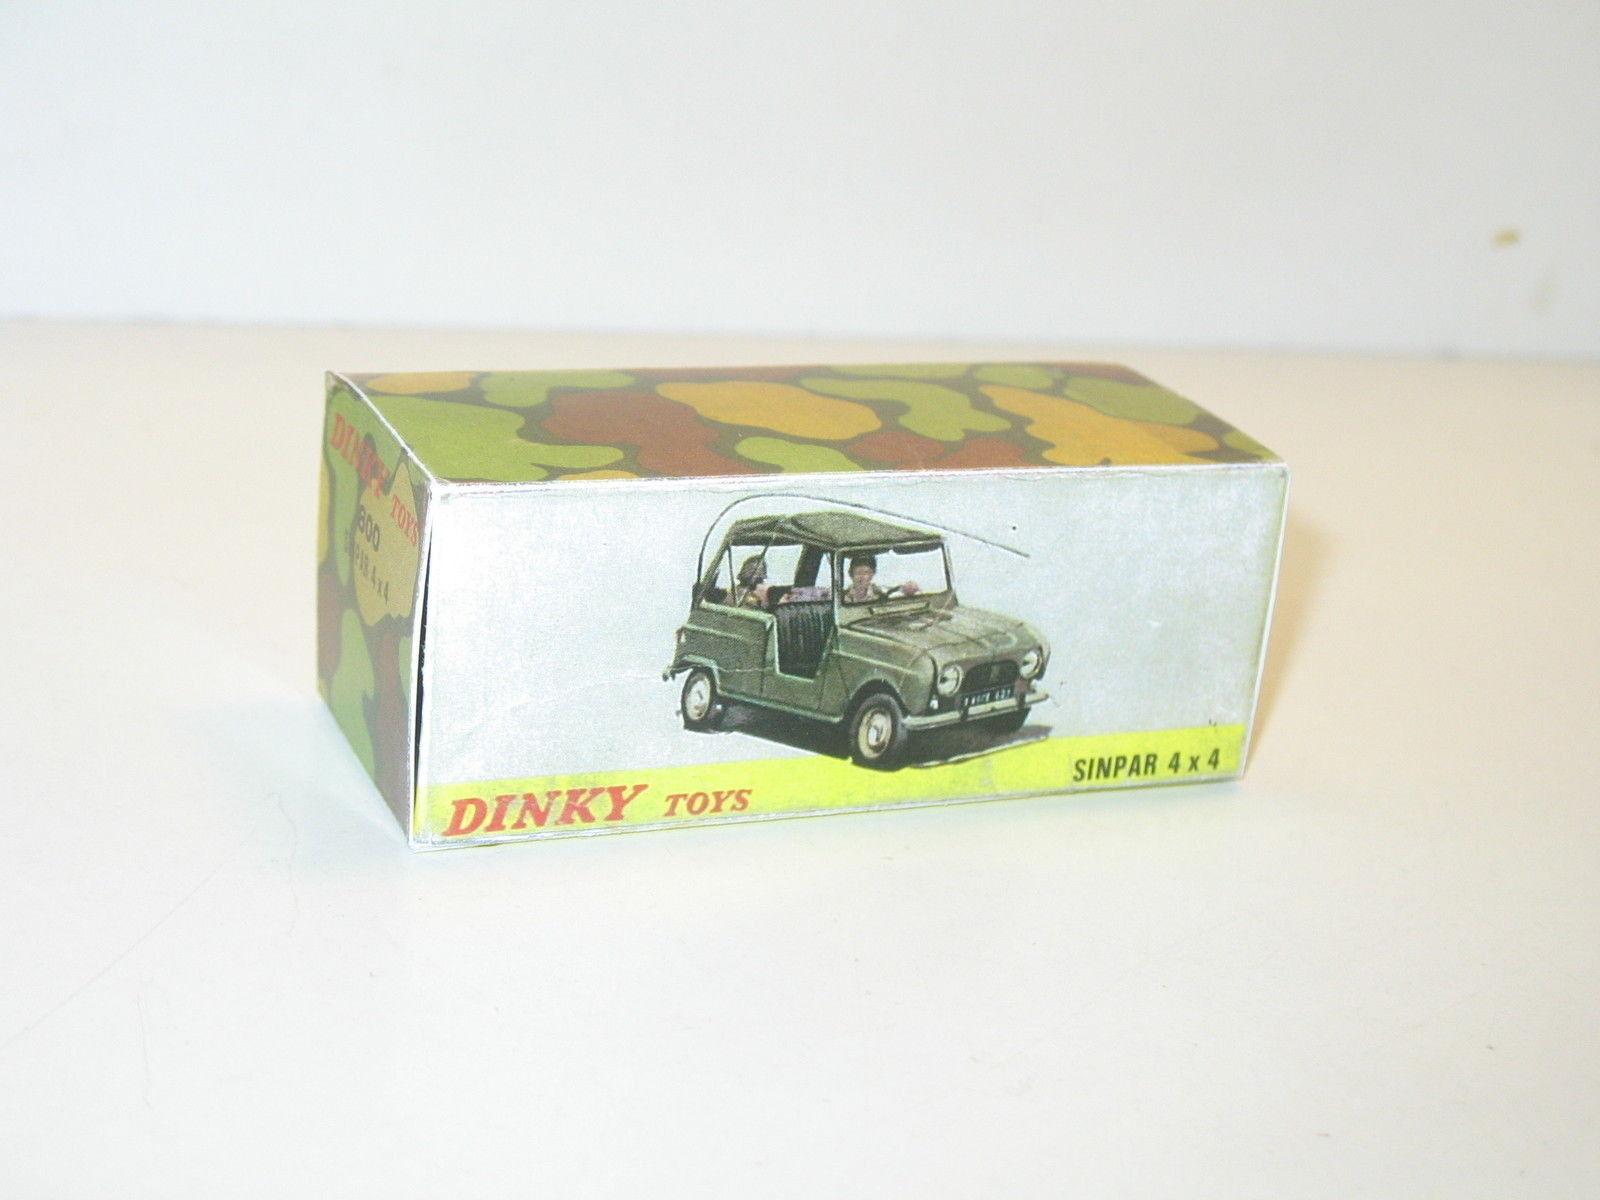 N27, scatola Renault 4 L sinpar gendarmerie militare bt repro DINKY 800 simpar